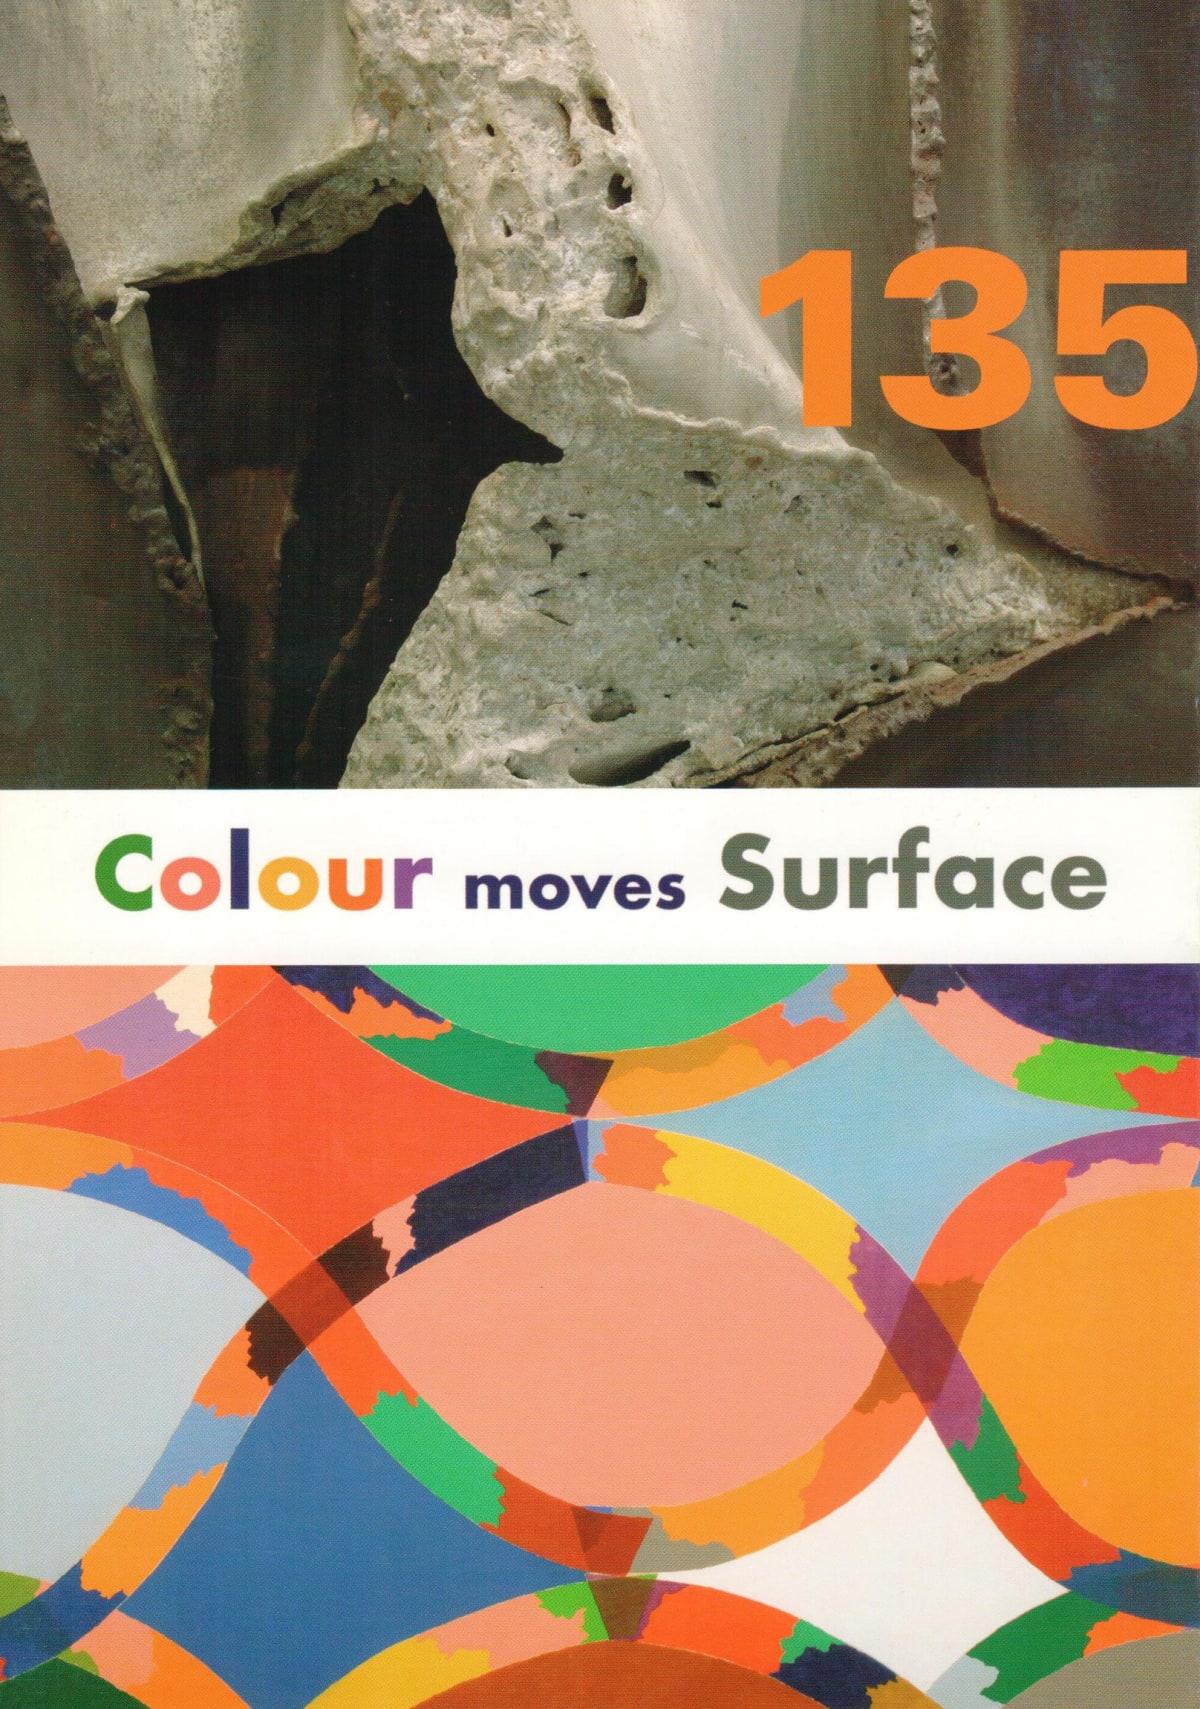 Colour moves Surfaces